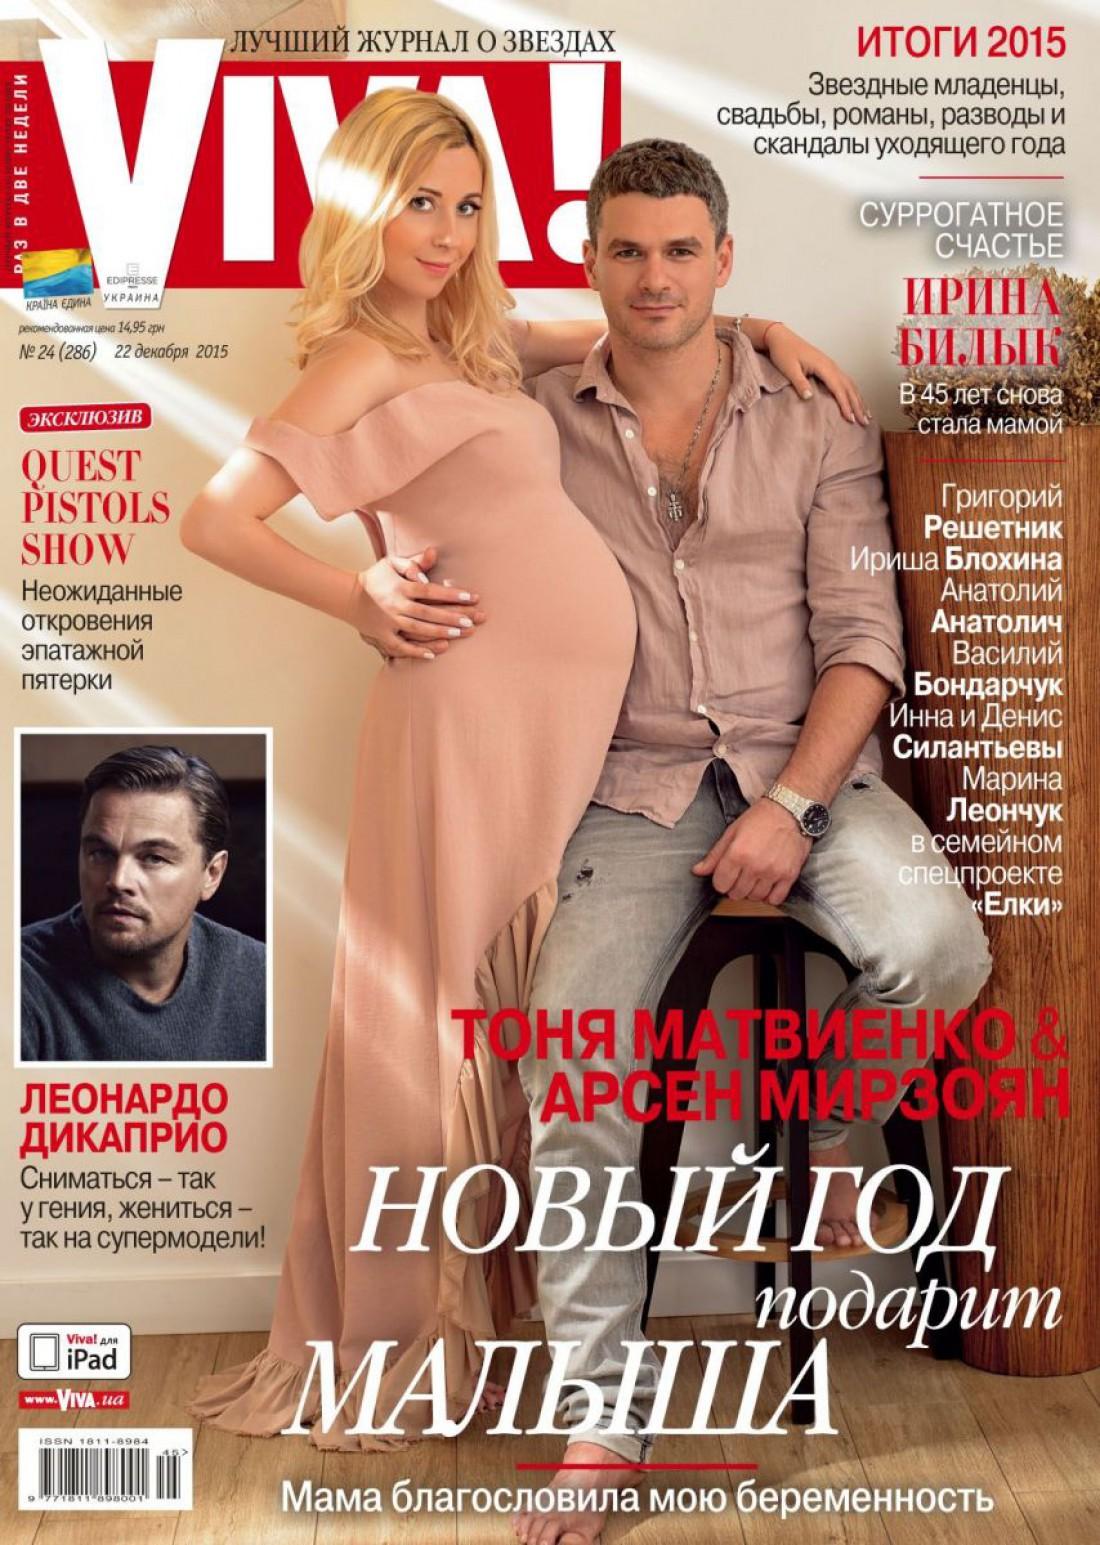 Тоня Матвиенко и Арсен Мирзоян